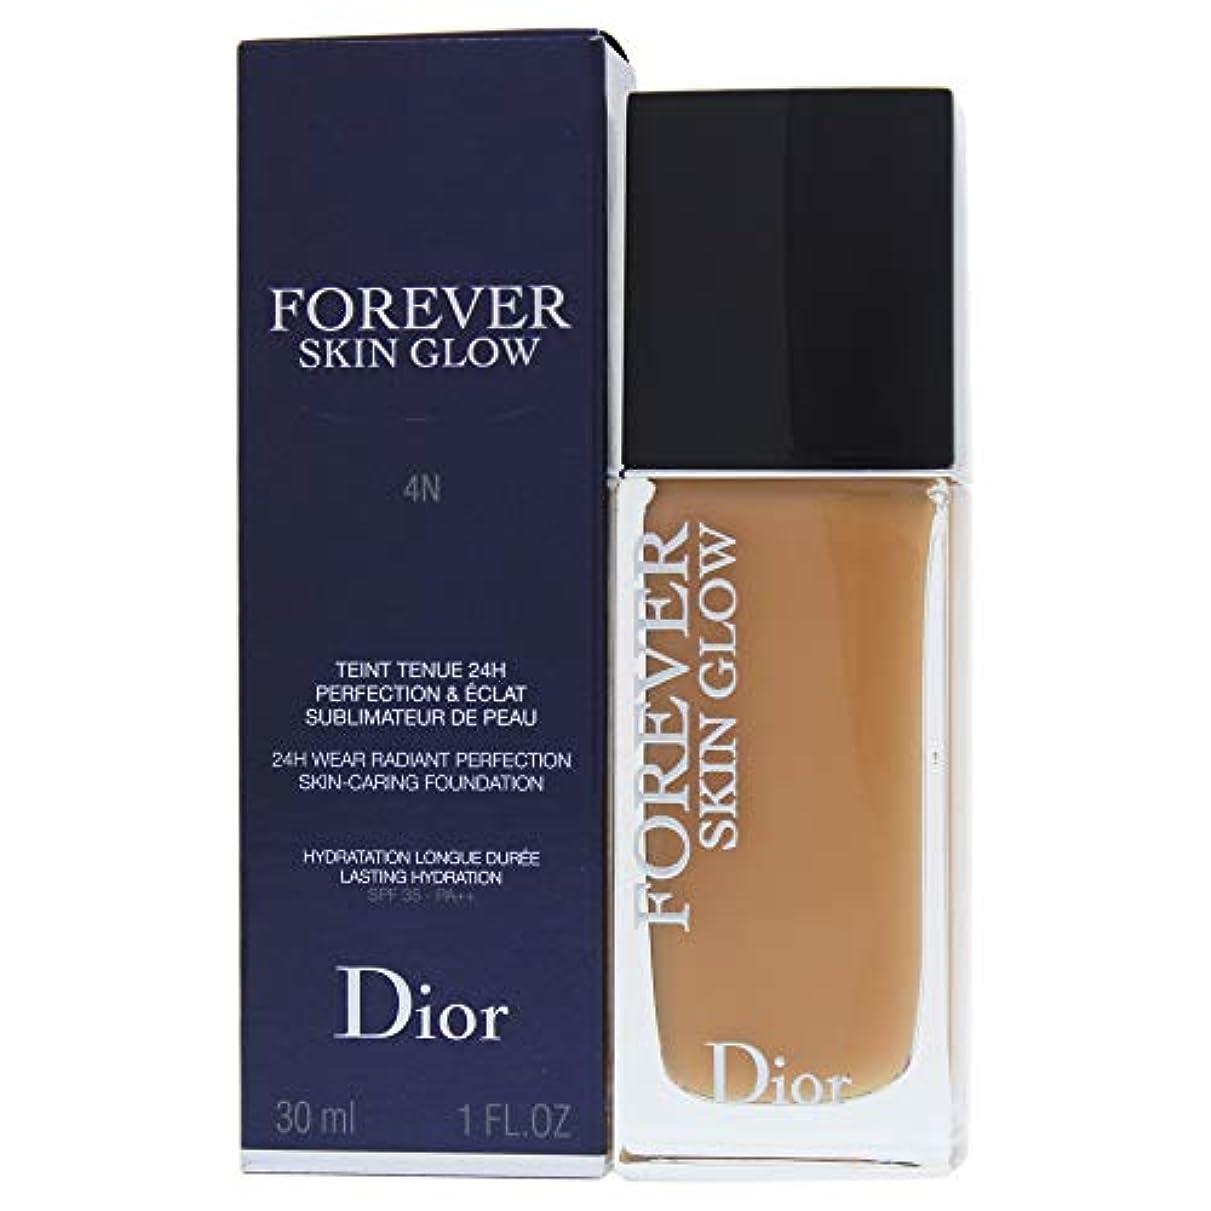 浪費意識的グリットクリスチャンディオール Dior Forever Skin Glow 24H Wear High Perfection Foundation SPF 35 - # 4N (Neutral) 30ml/1oz並行輸入品